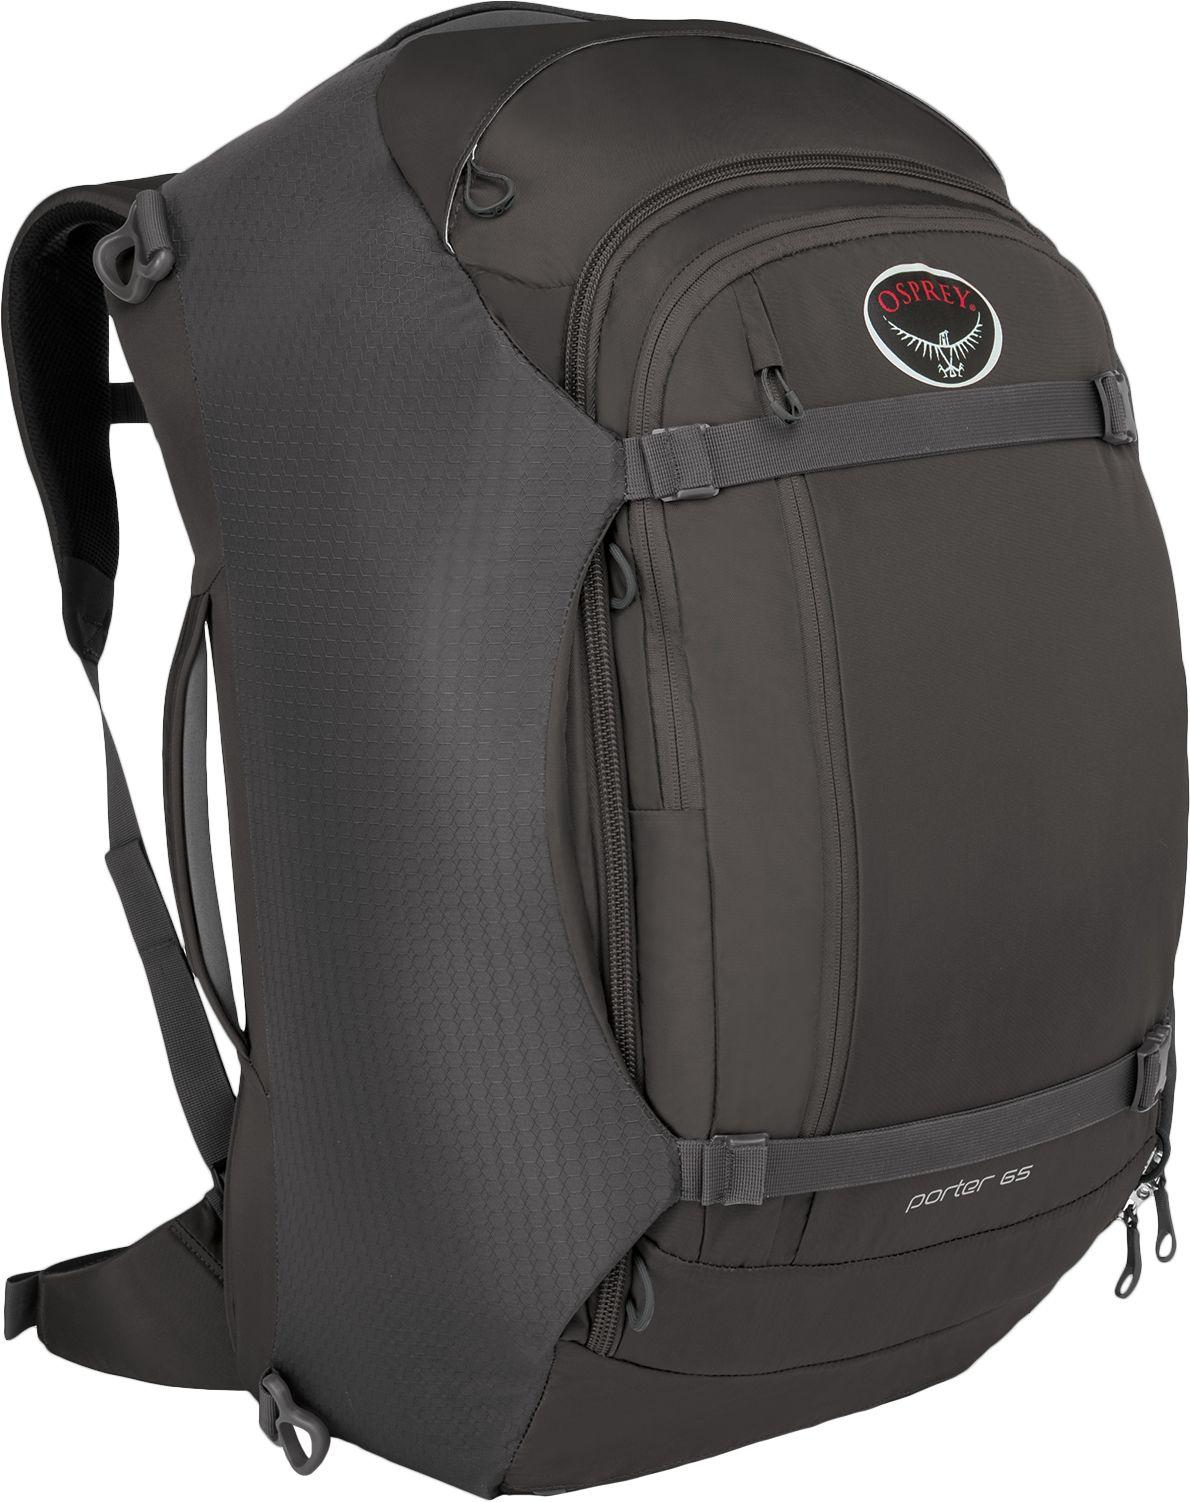 Other Camping Hiking Backpacks 36109  Osprey Porter 65 Travel Pack Backpack  - Black -  4f681b0d38